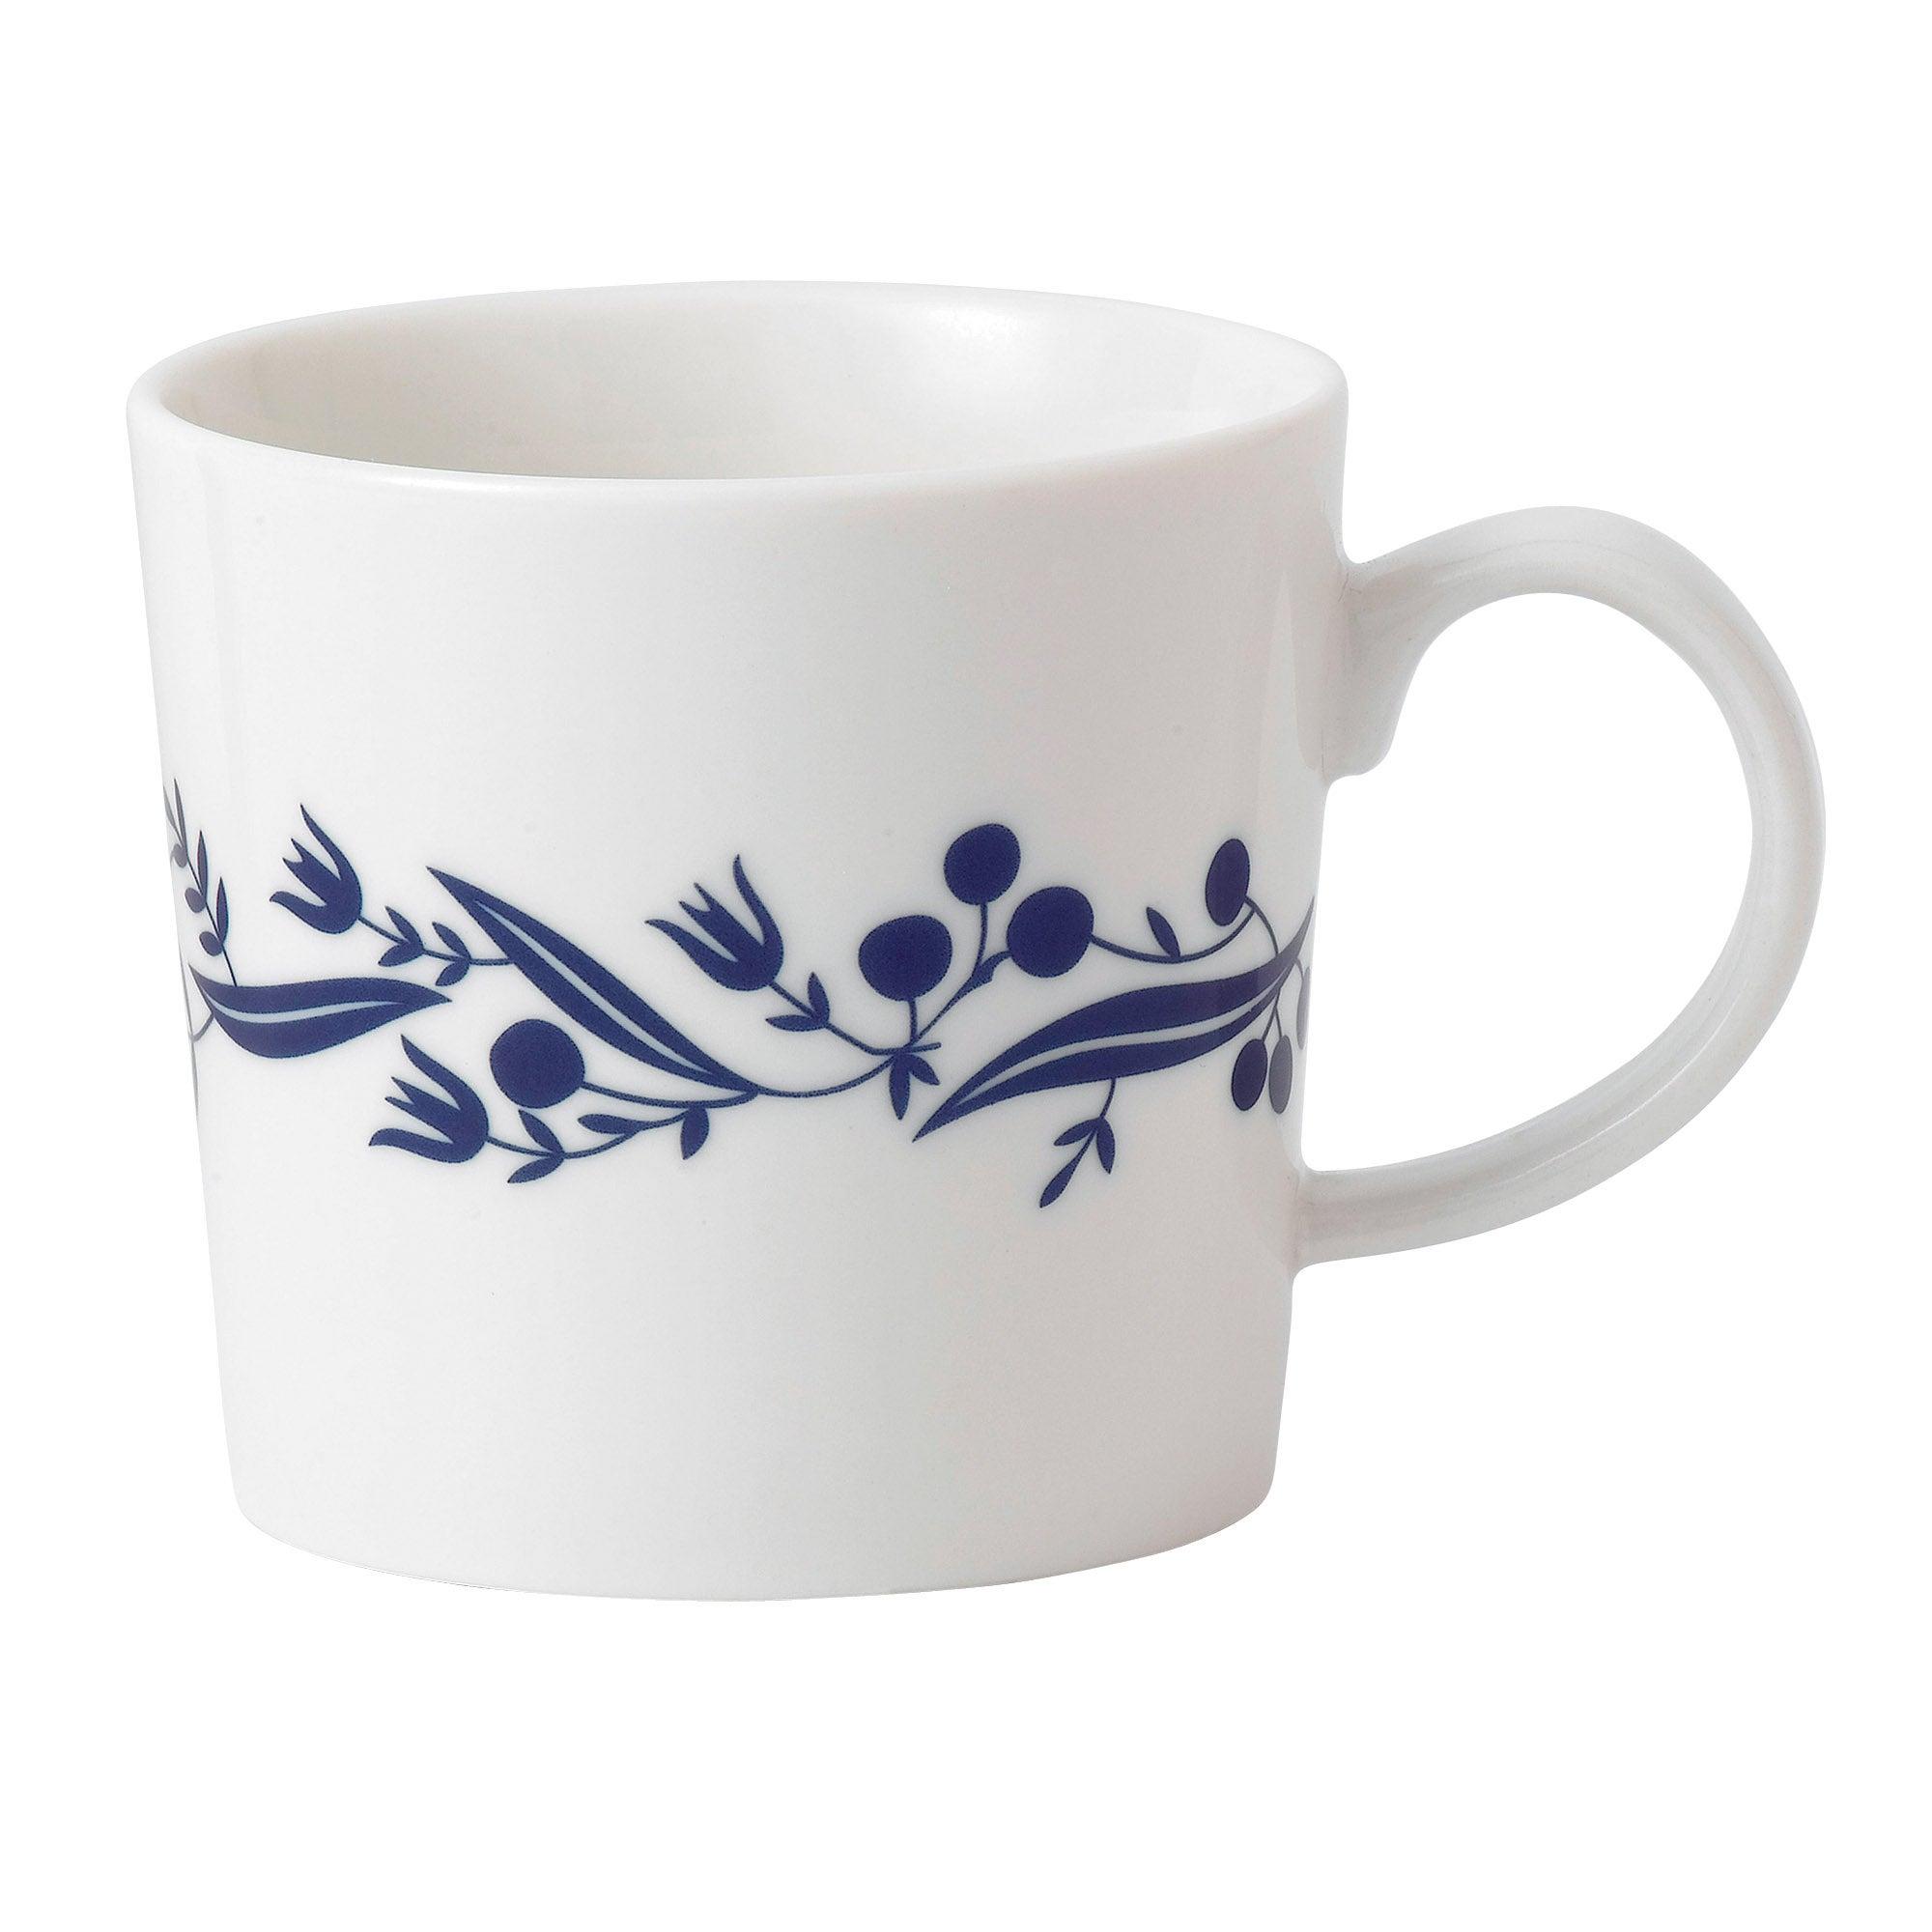 Royal Doulton Fable Collection Garland Mug